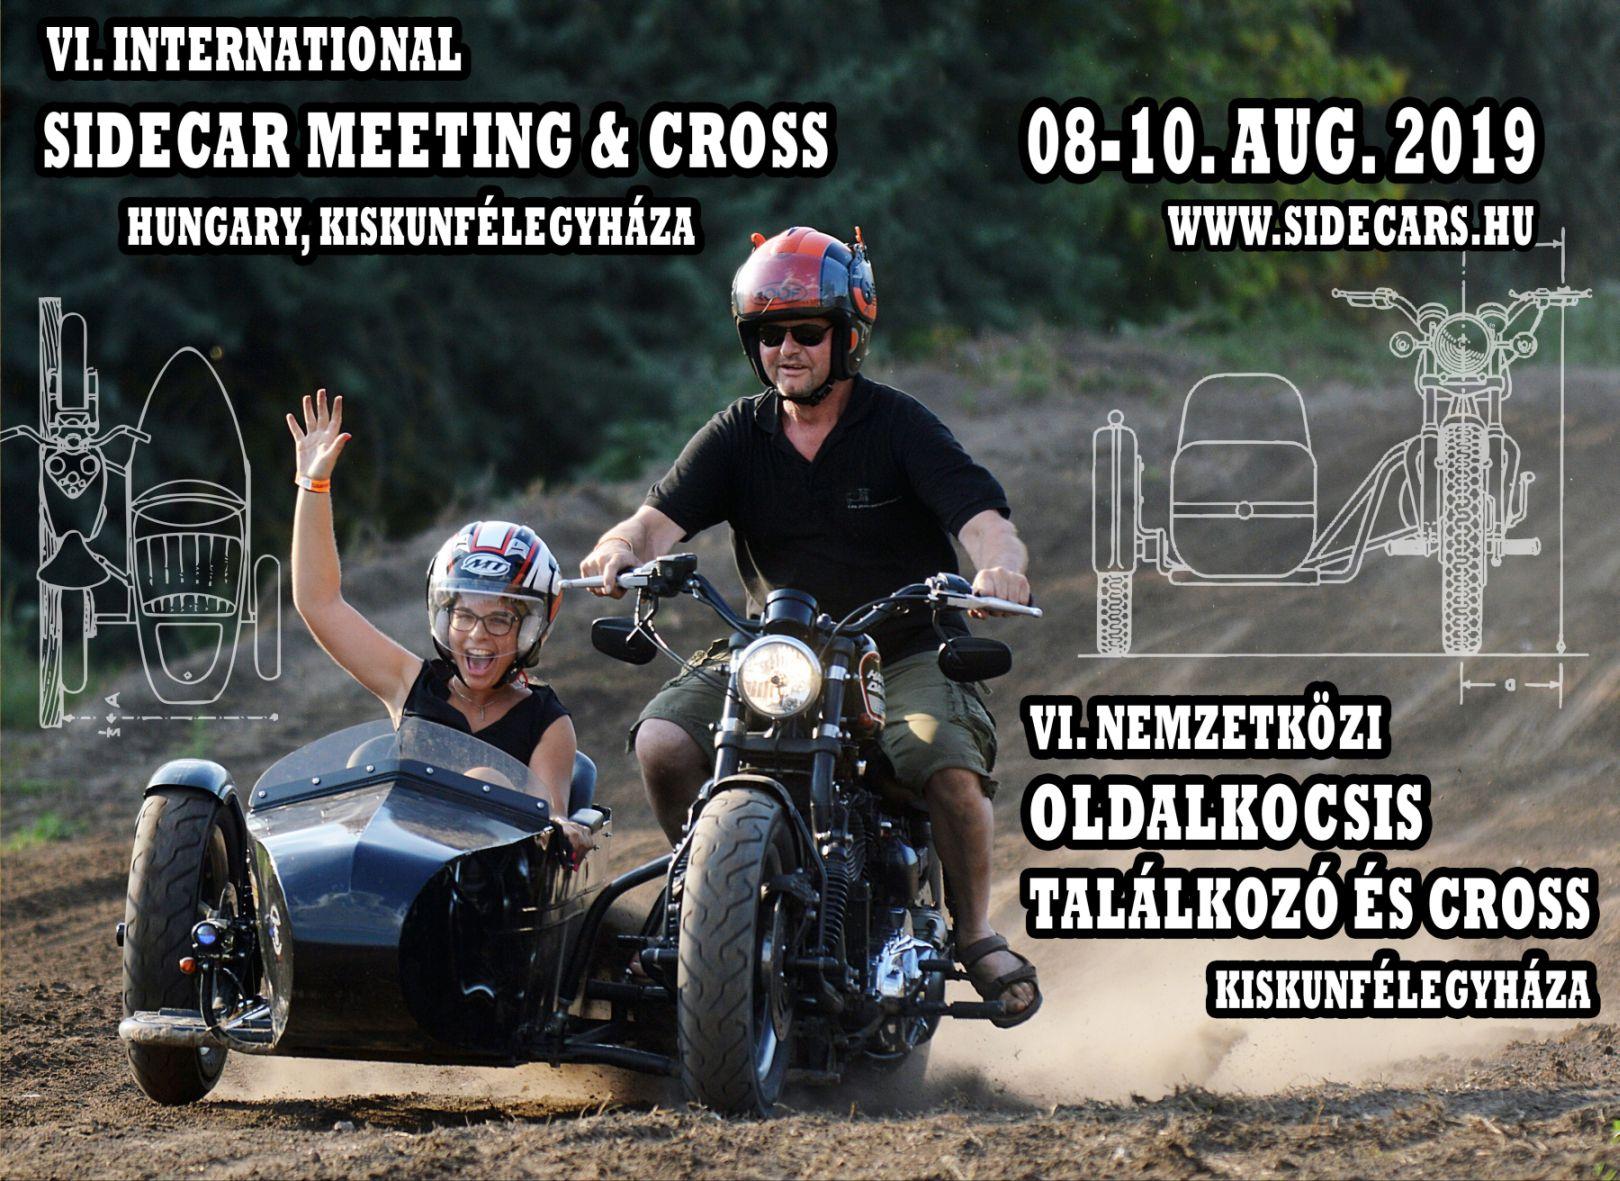 Nemzetkozi-oldalkocsis-talalkozo-es-cross-verseny